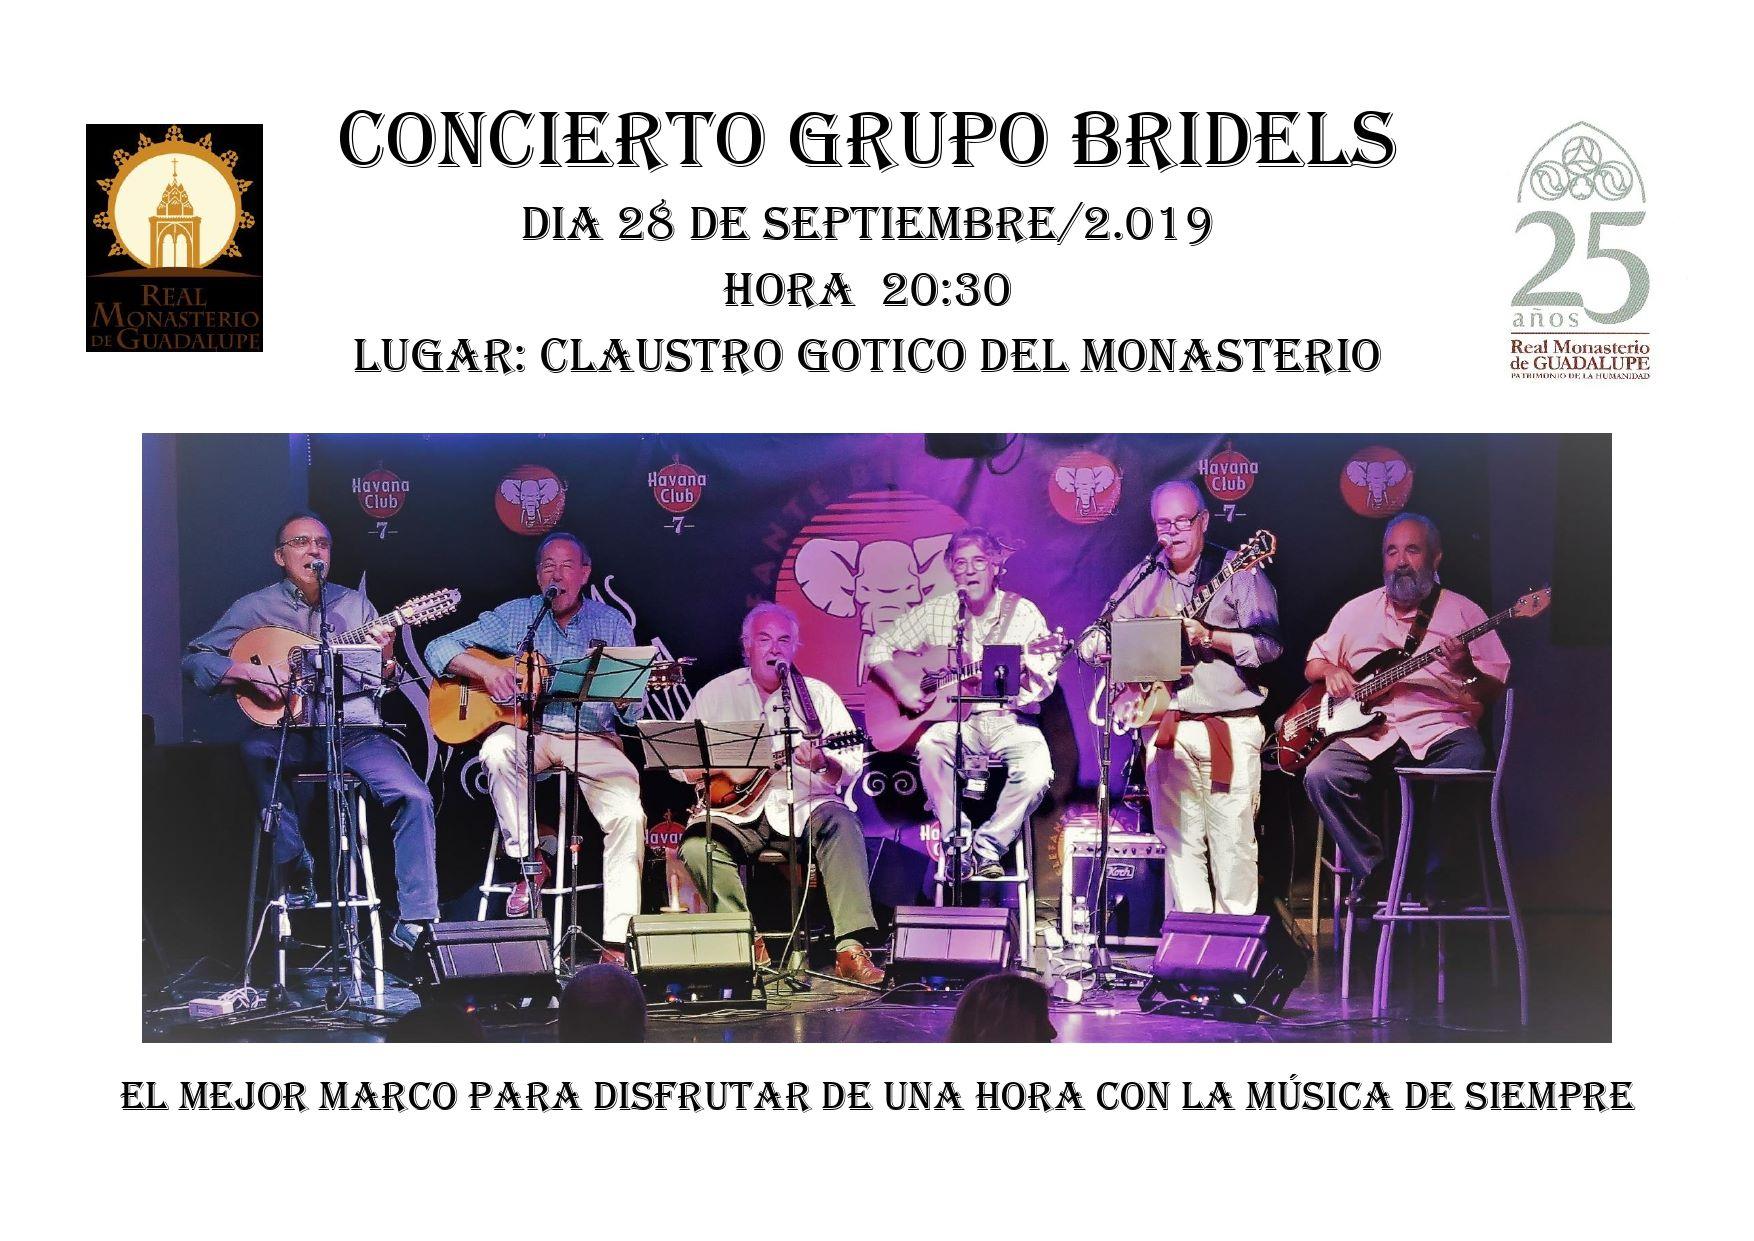 Concierto Grupo Bridels 2019 - Guadalupe (Cáceres)